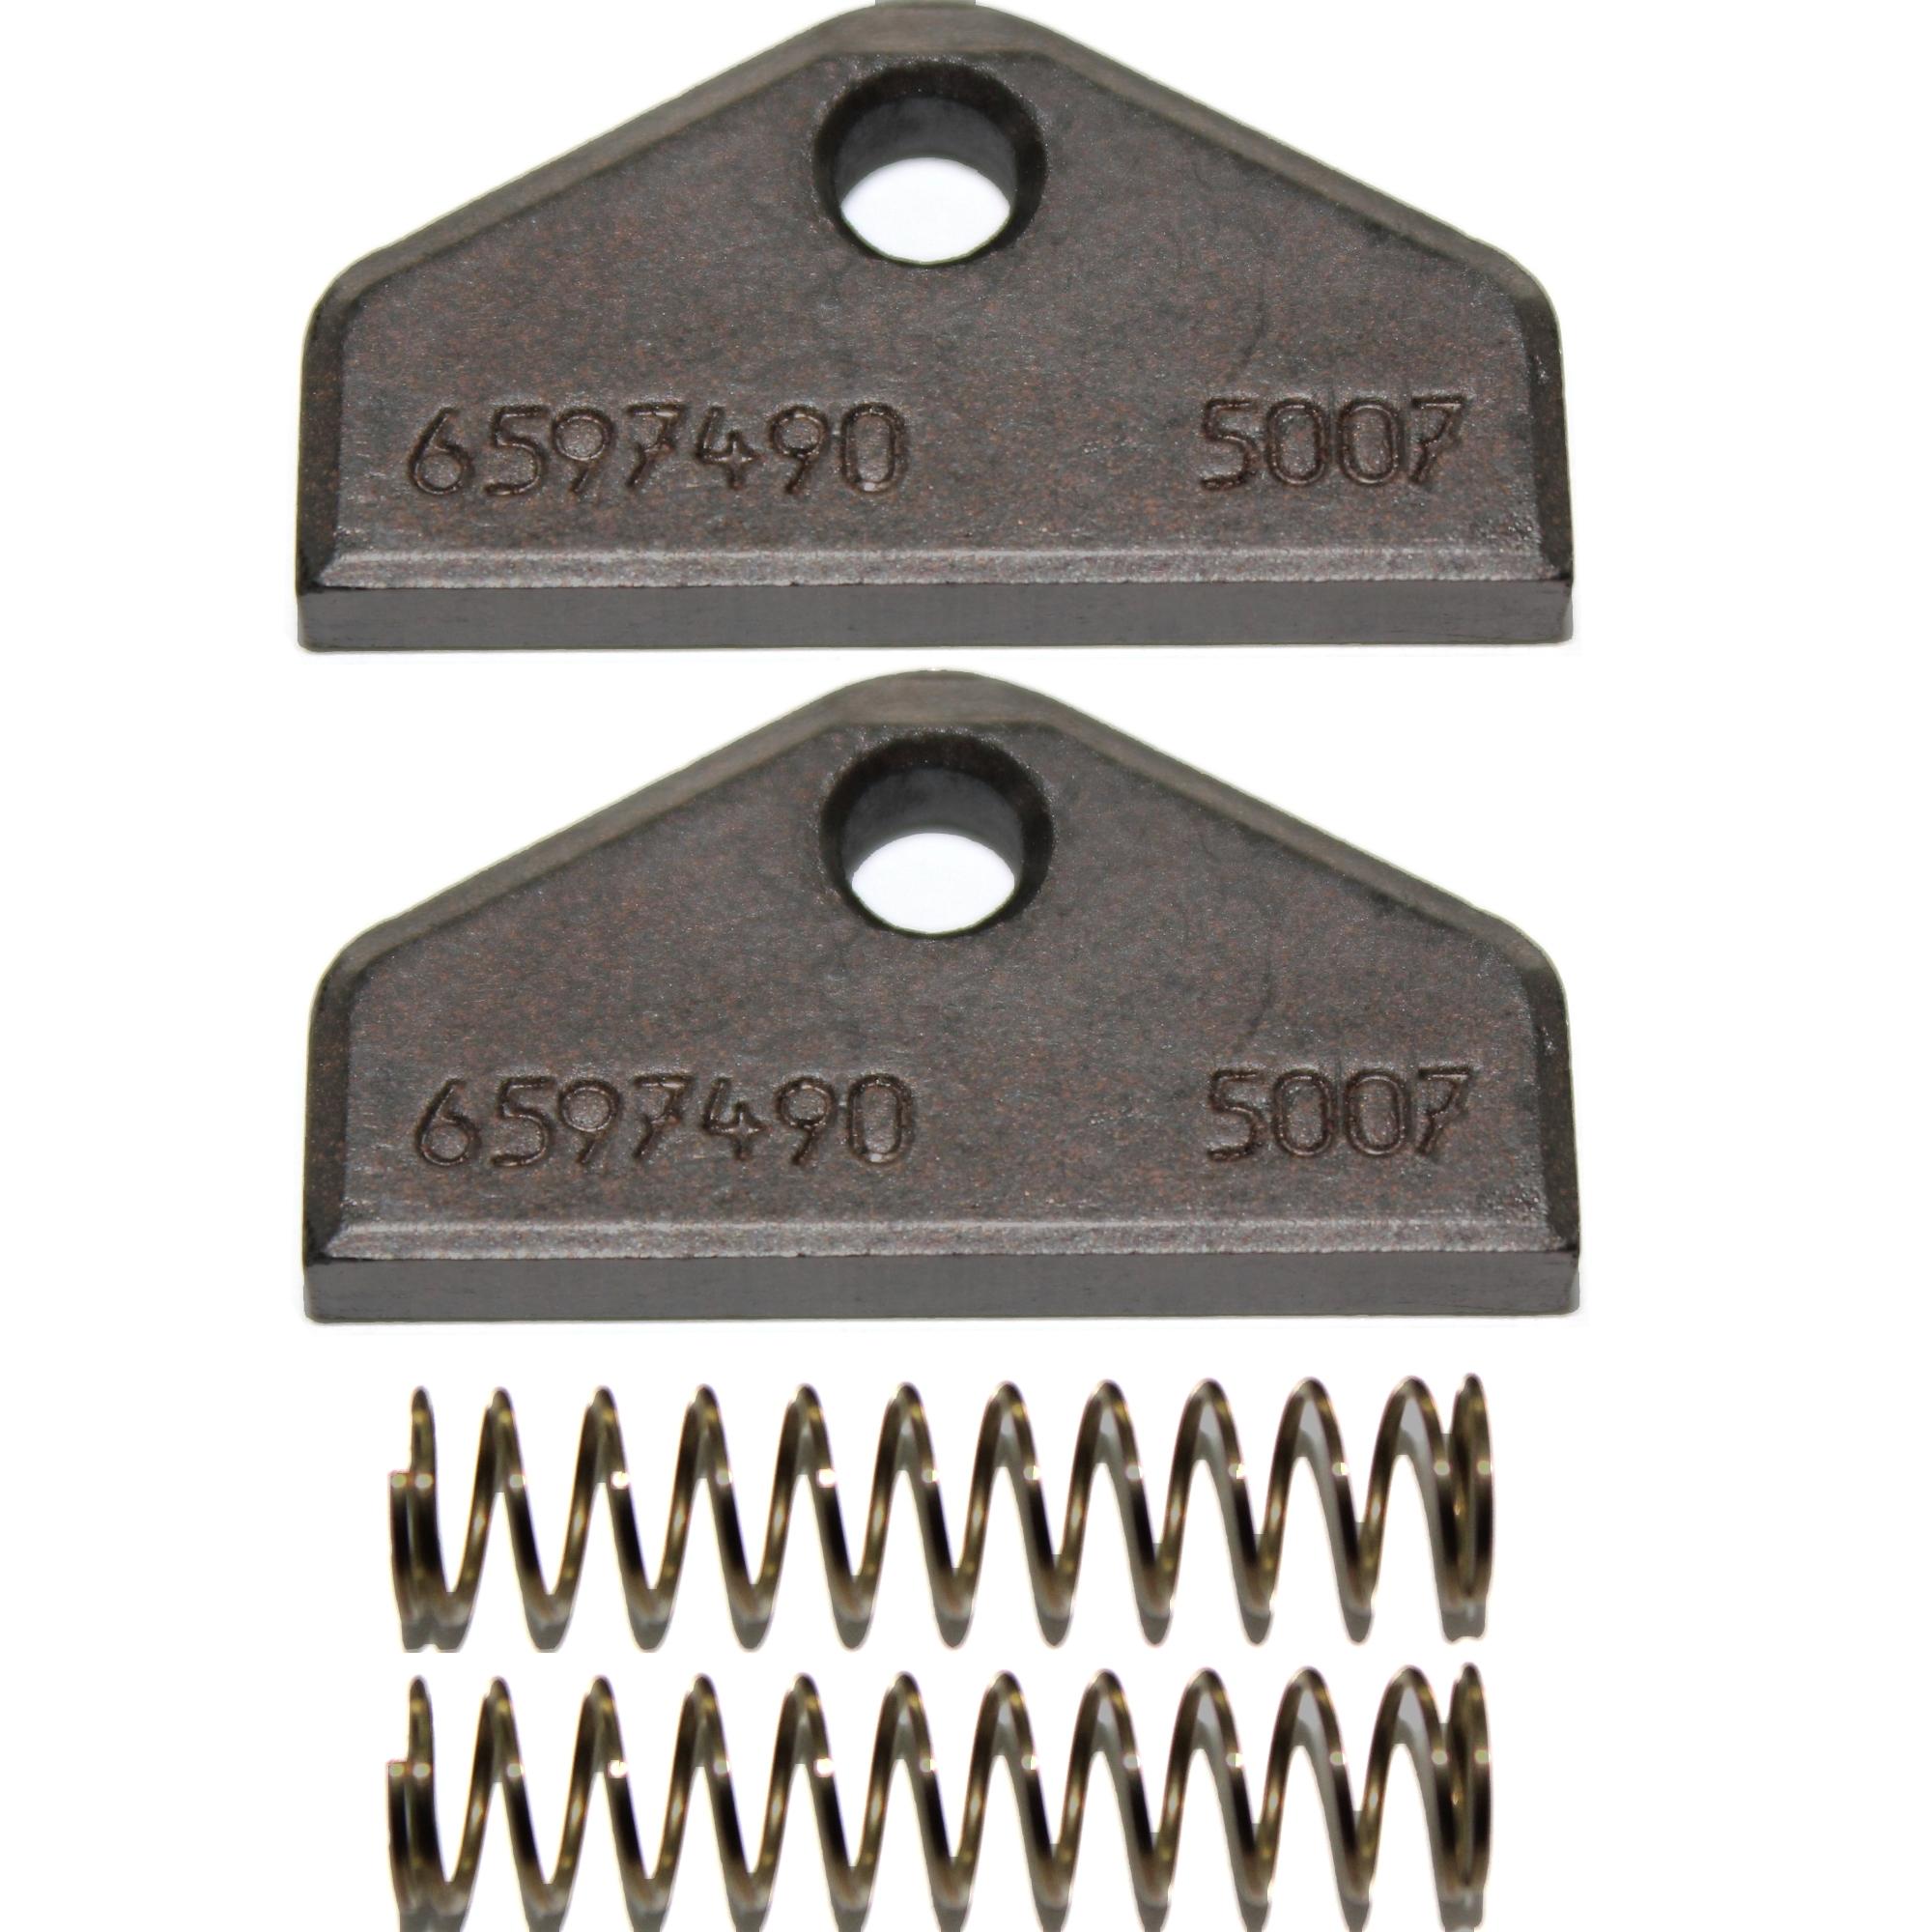 Kohlebürsten Motorkohlen passend für Miele Trockner EXQUISIT500A Typ T515 DE